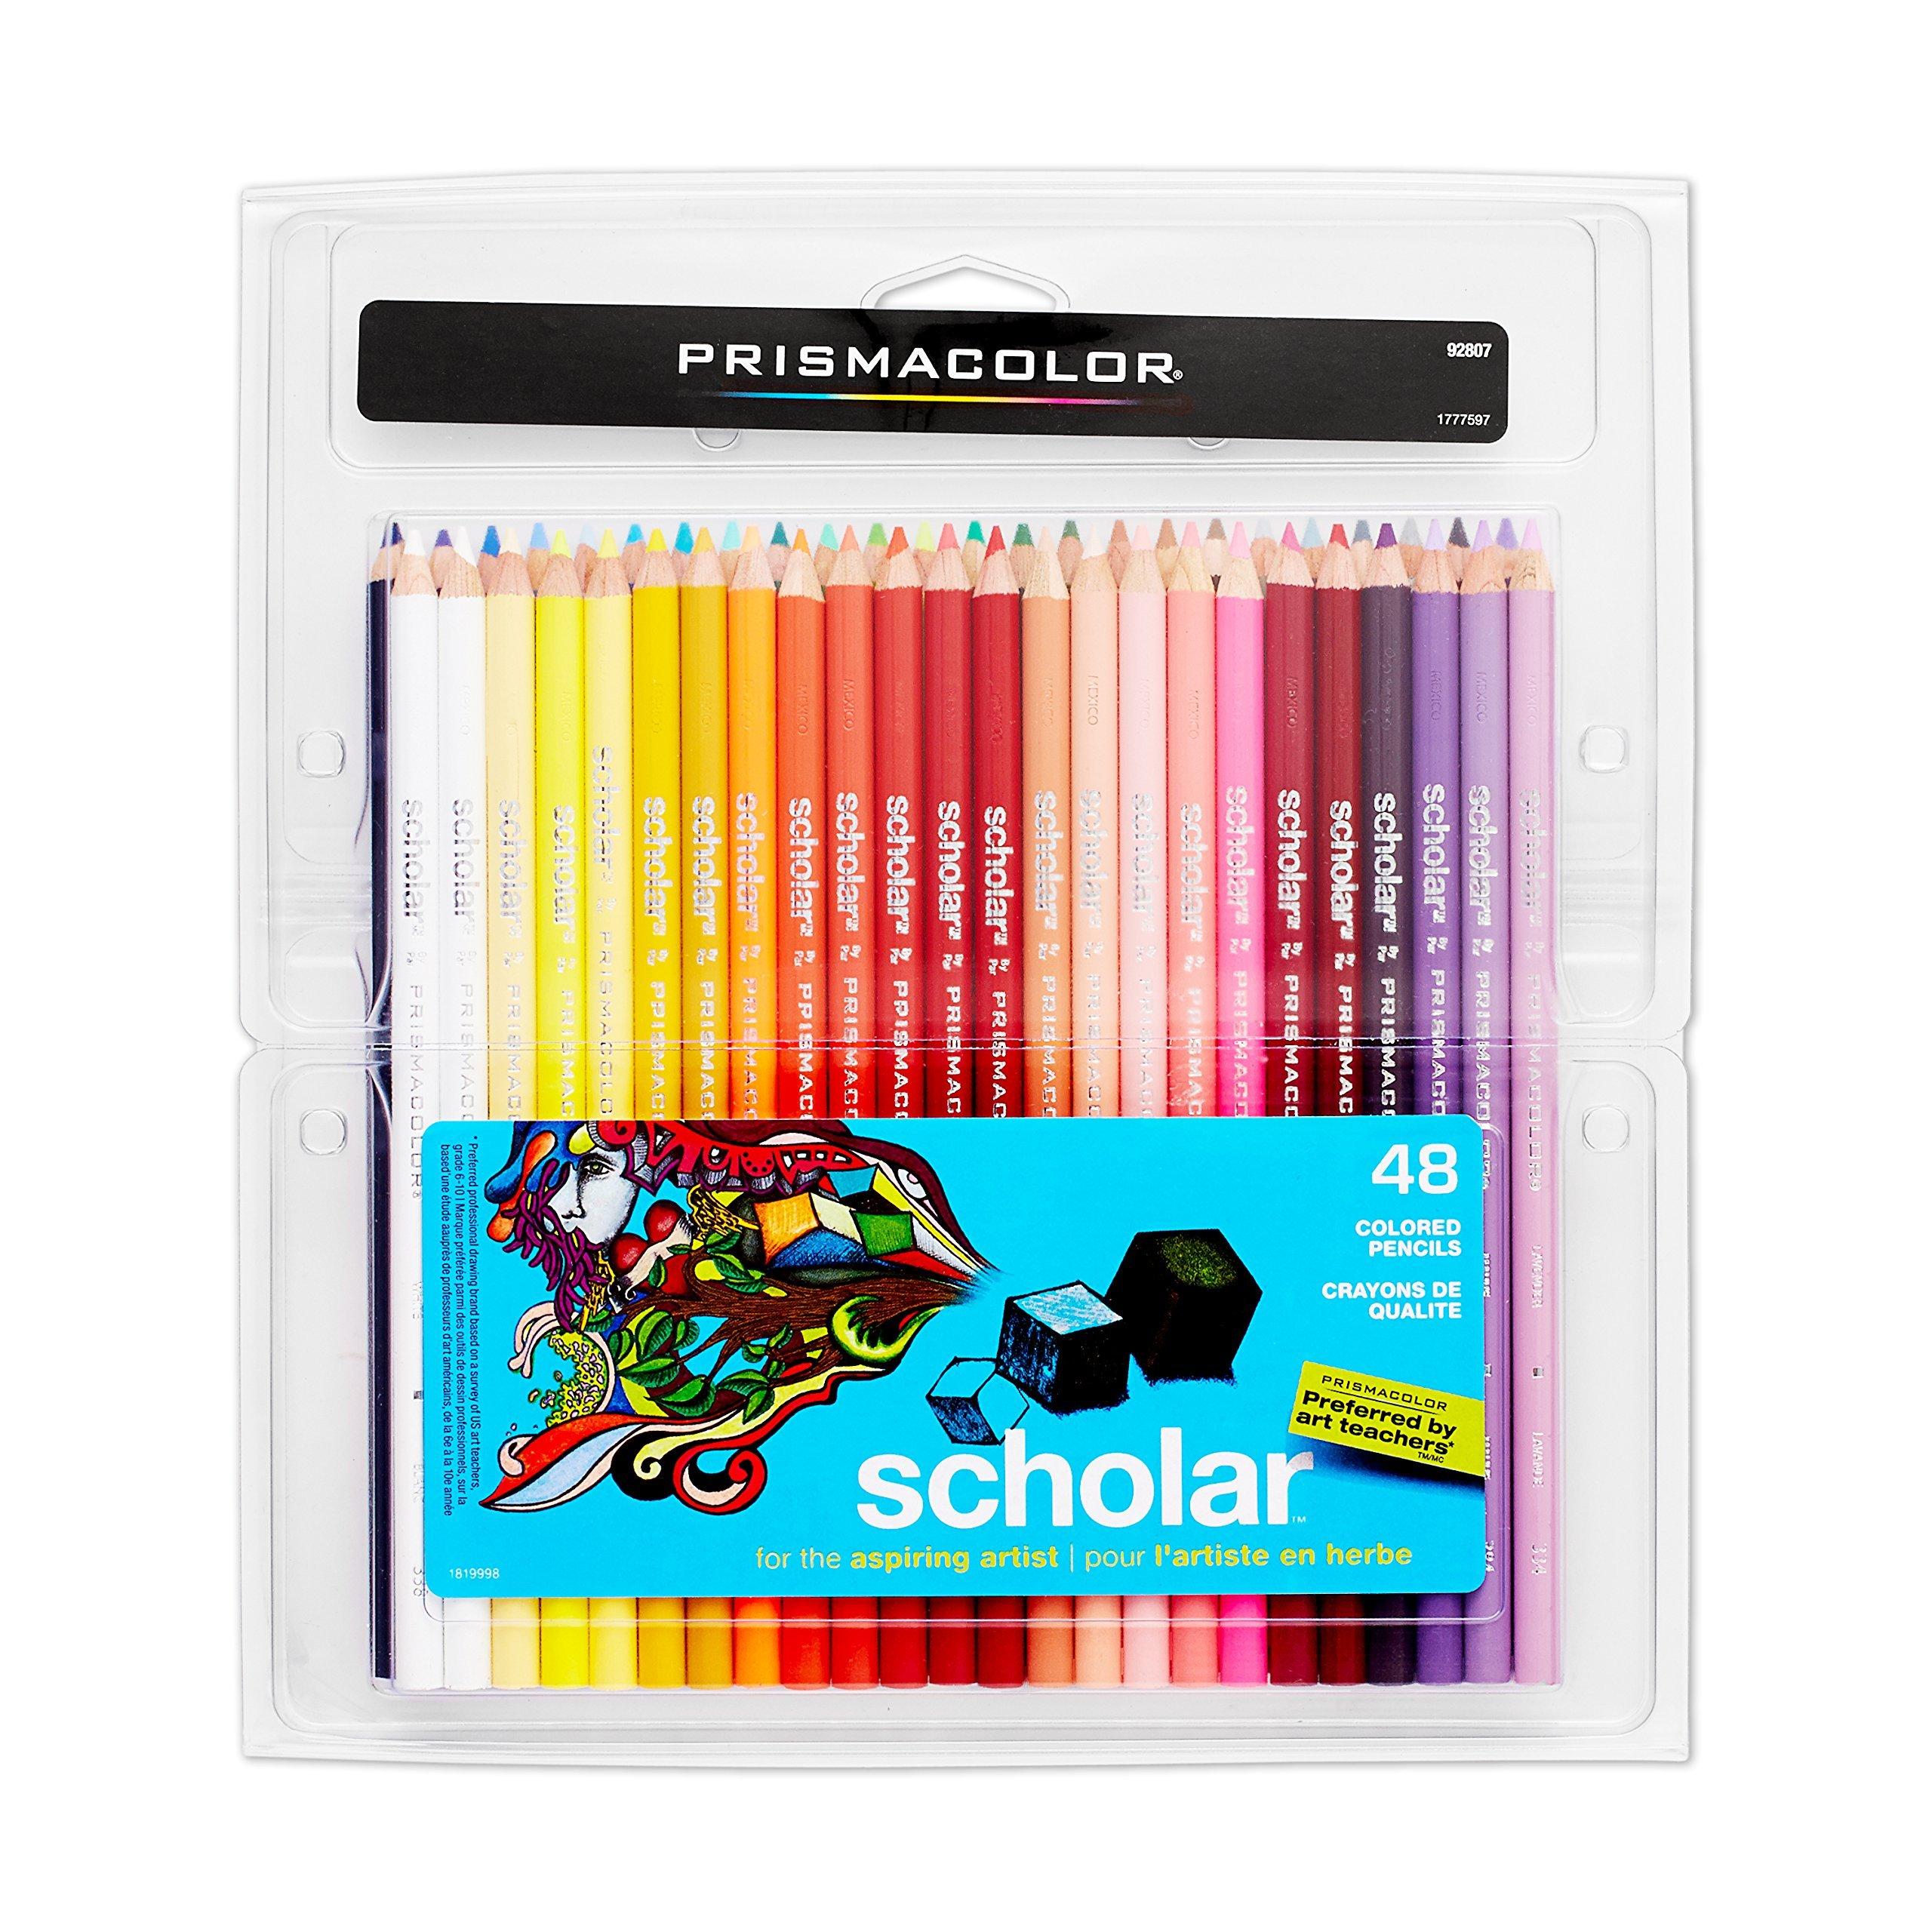 Prismacolor Scholar Colored Pencils Pack